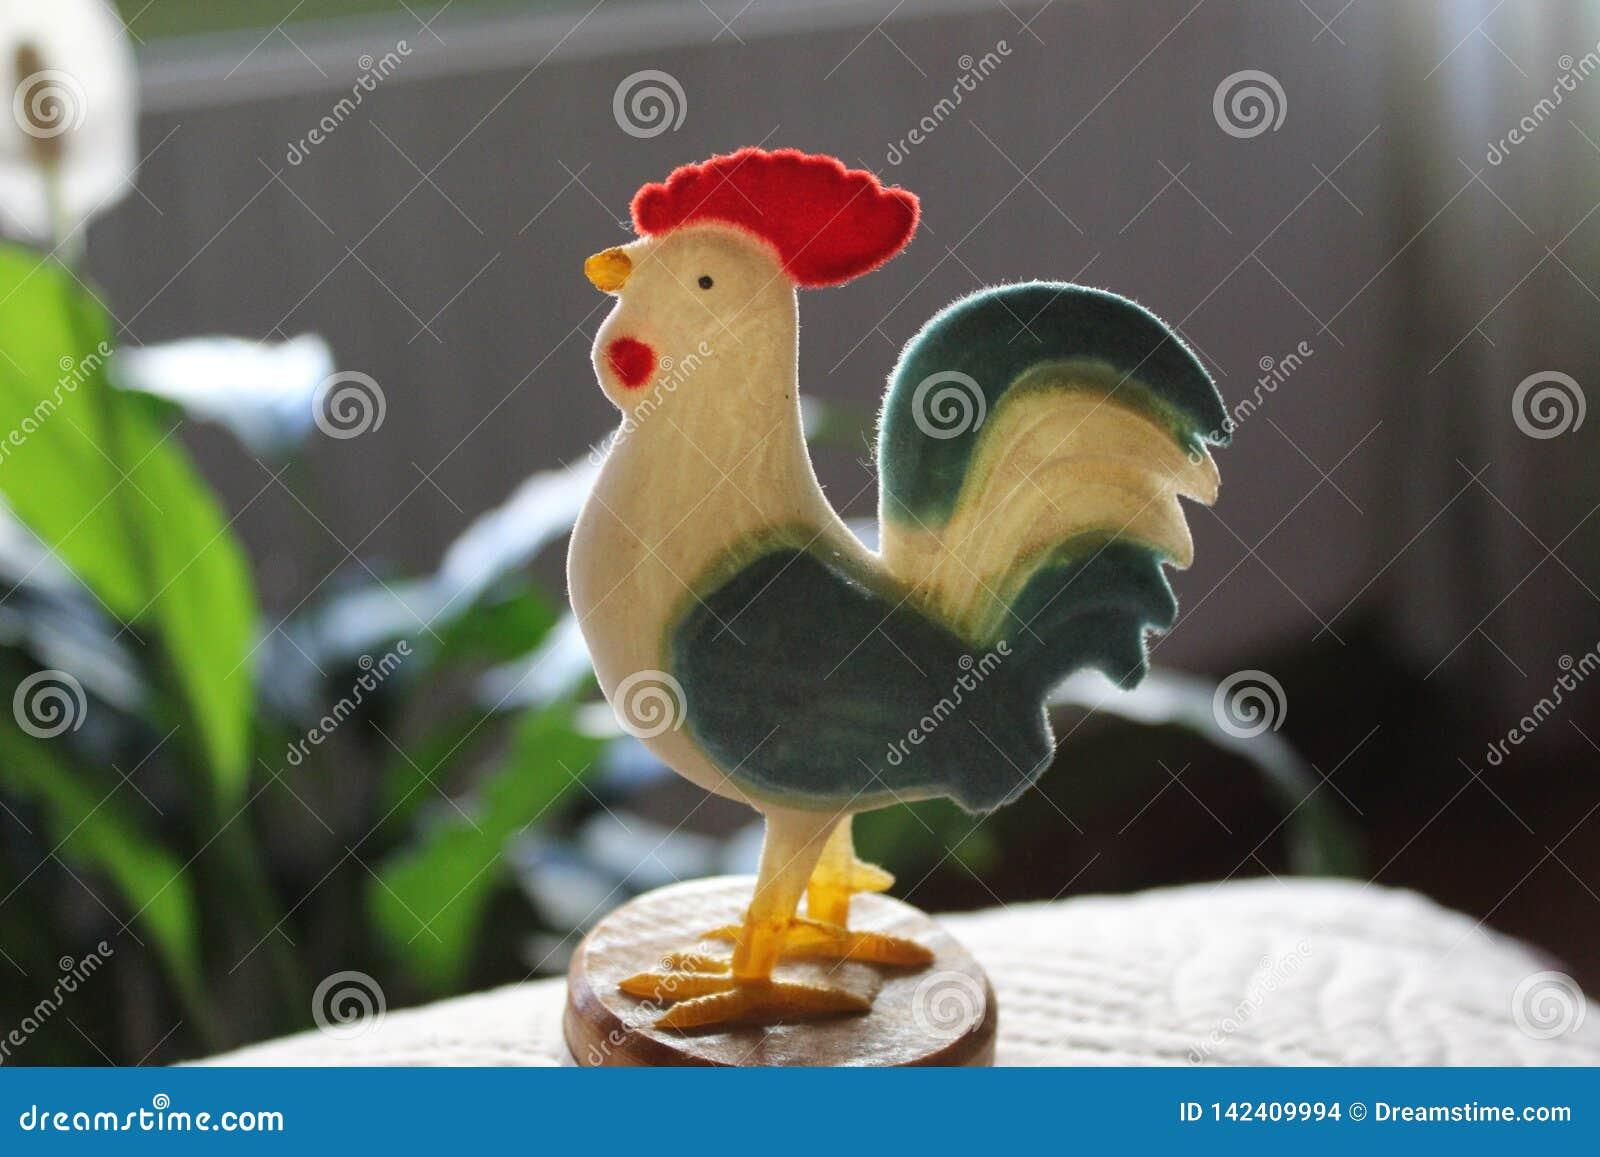 Португальский цыпленок в Понтеведре